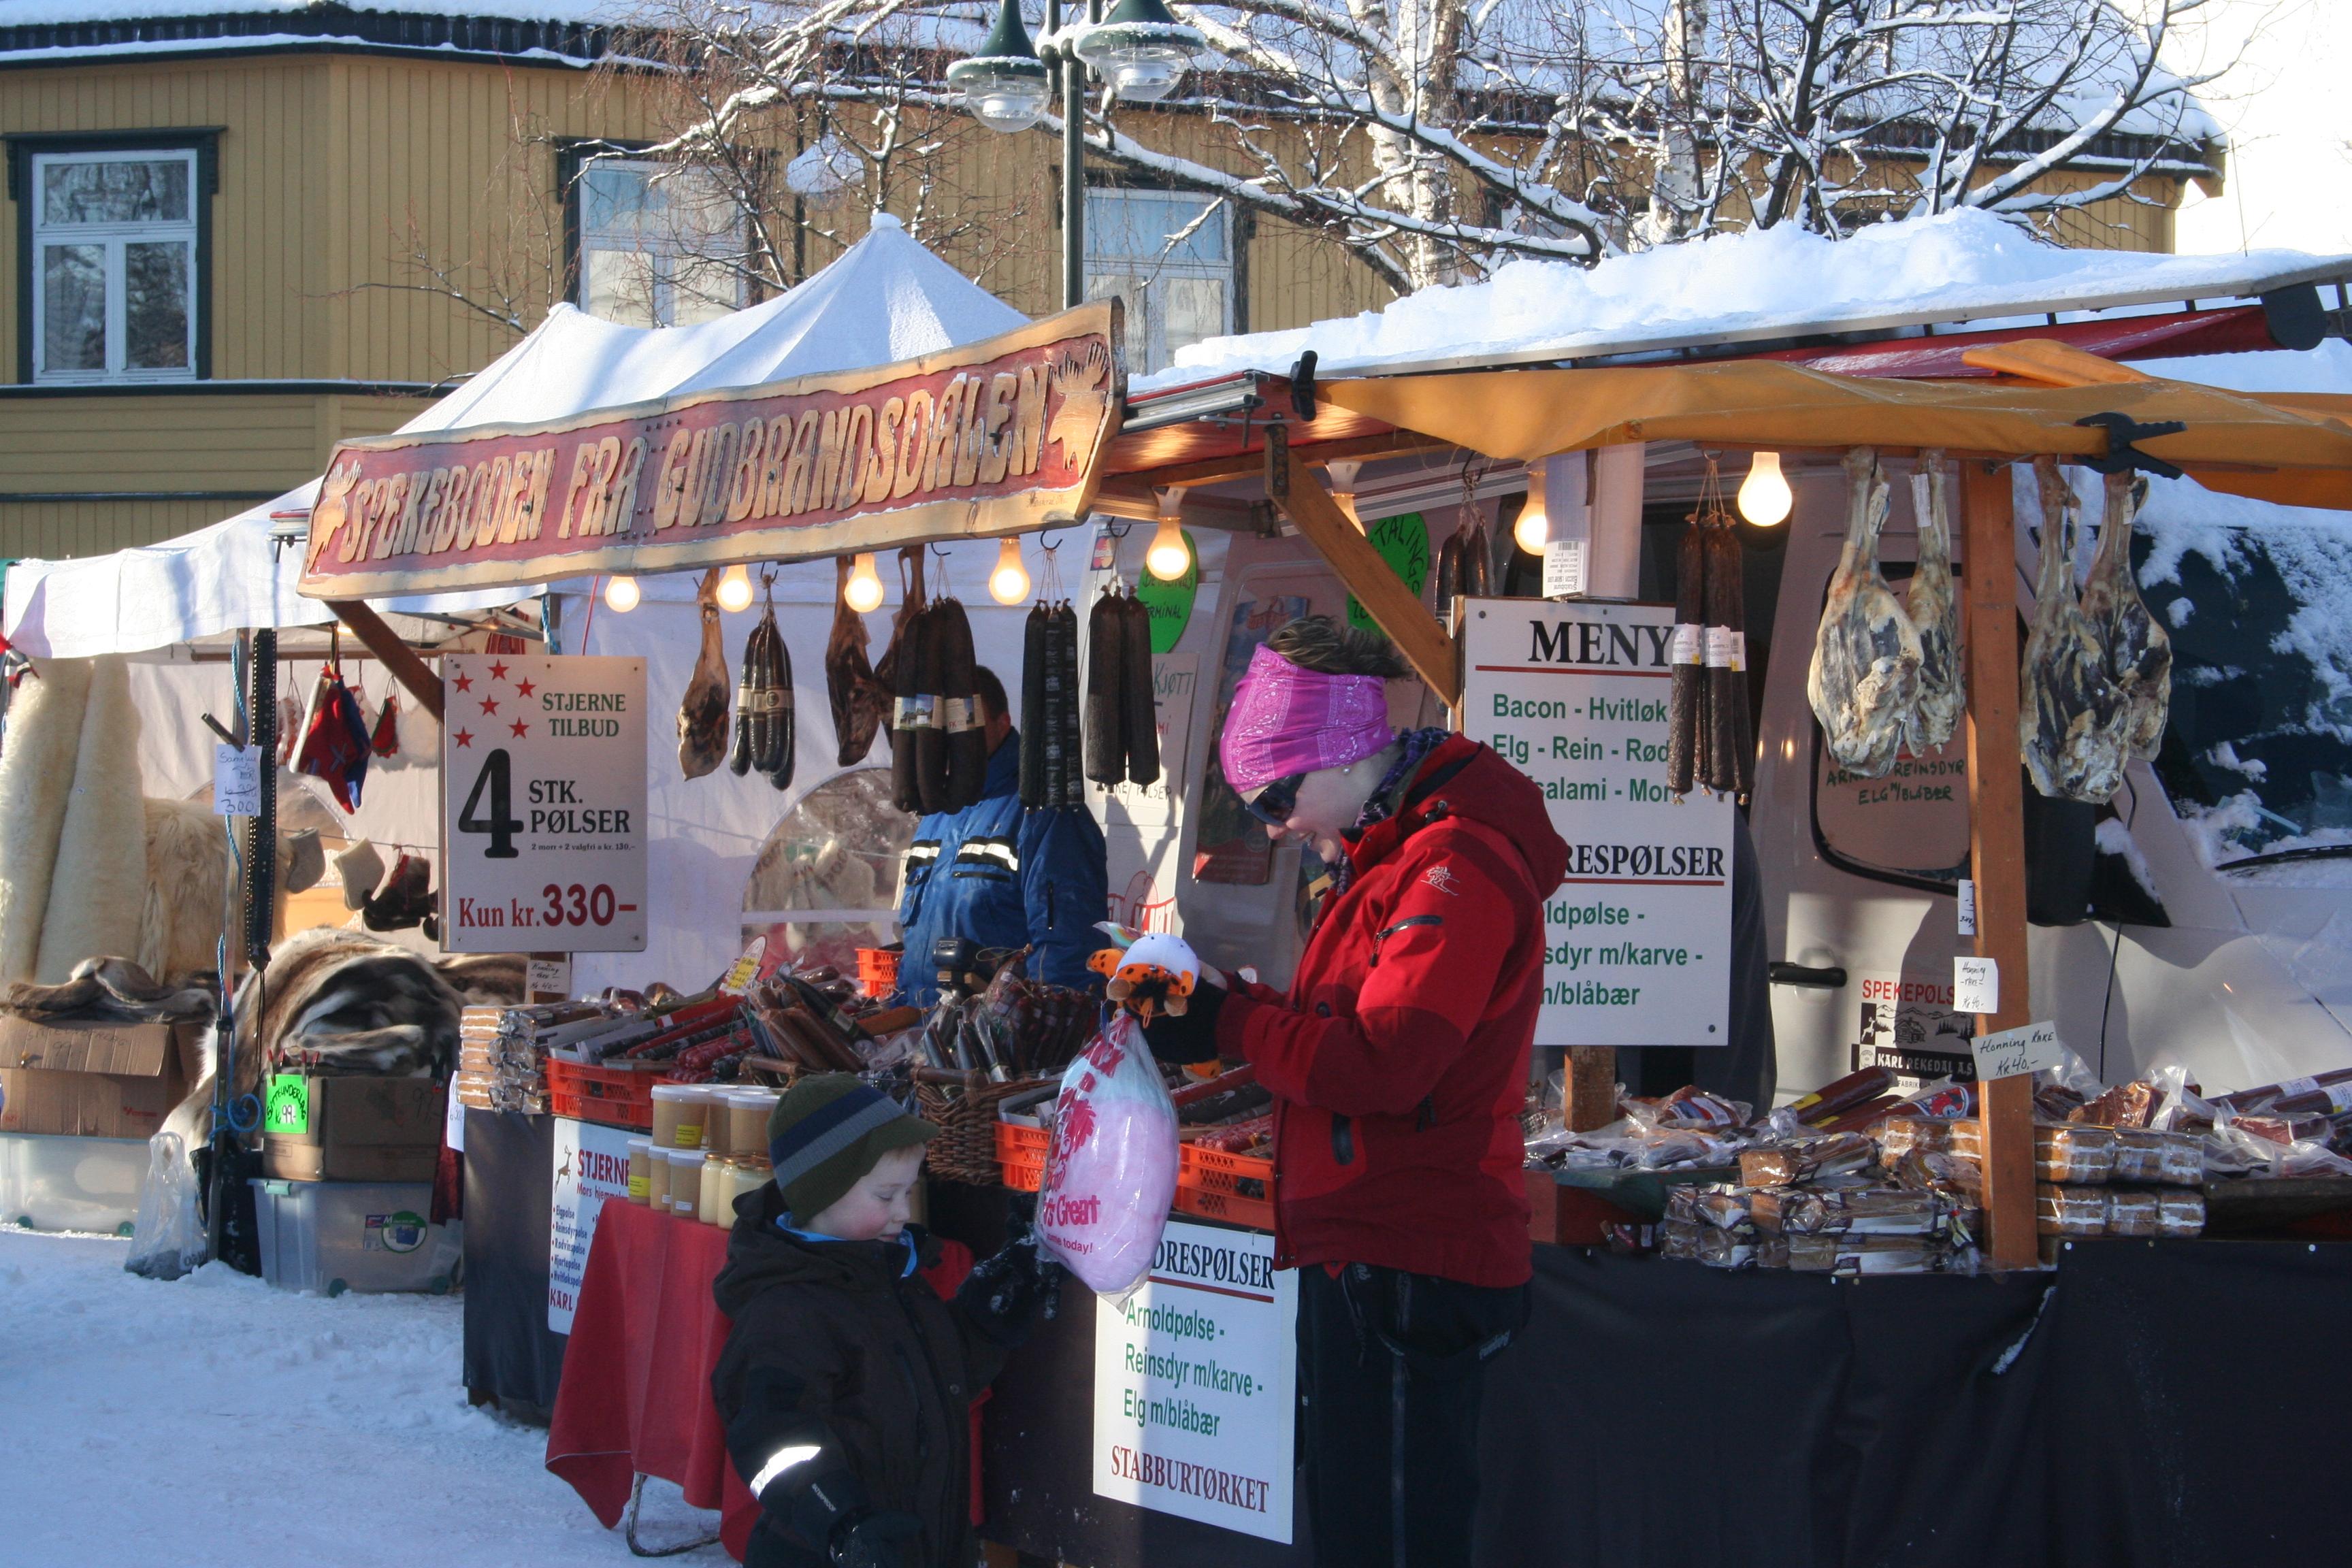 Marsimartnan (market festival)